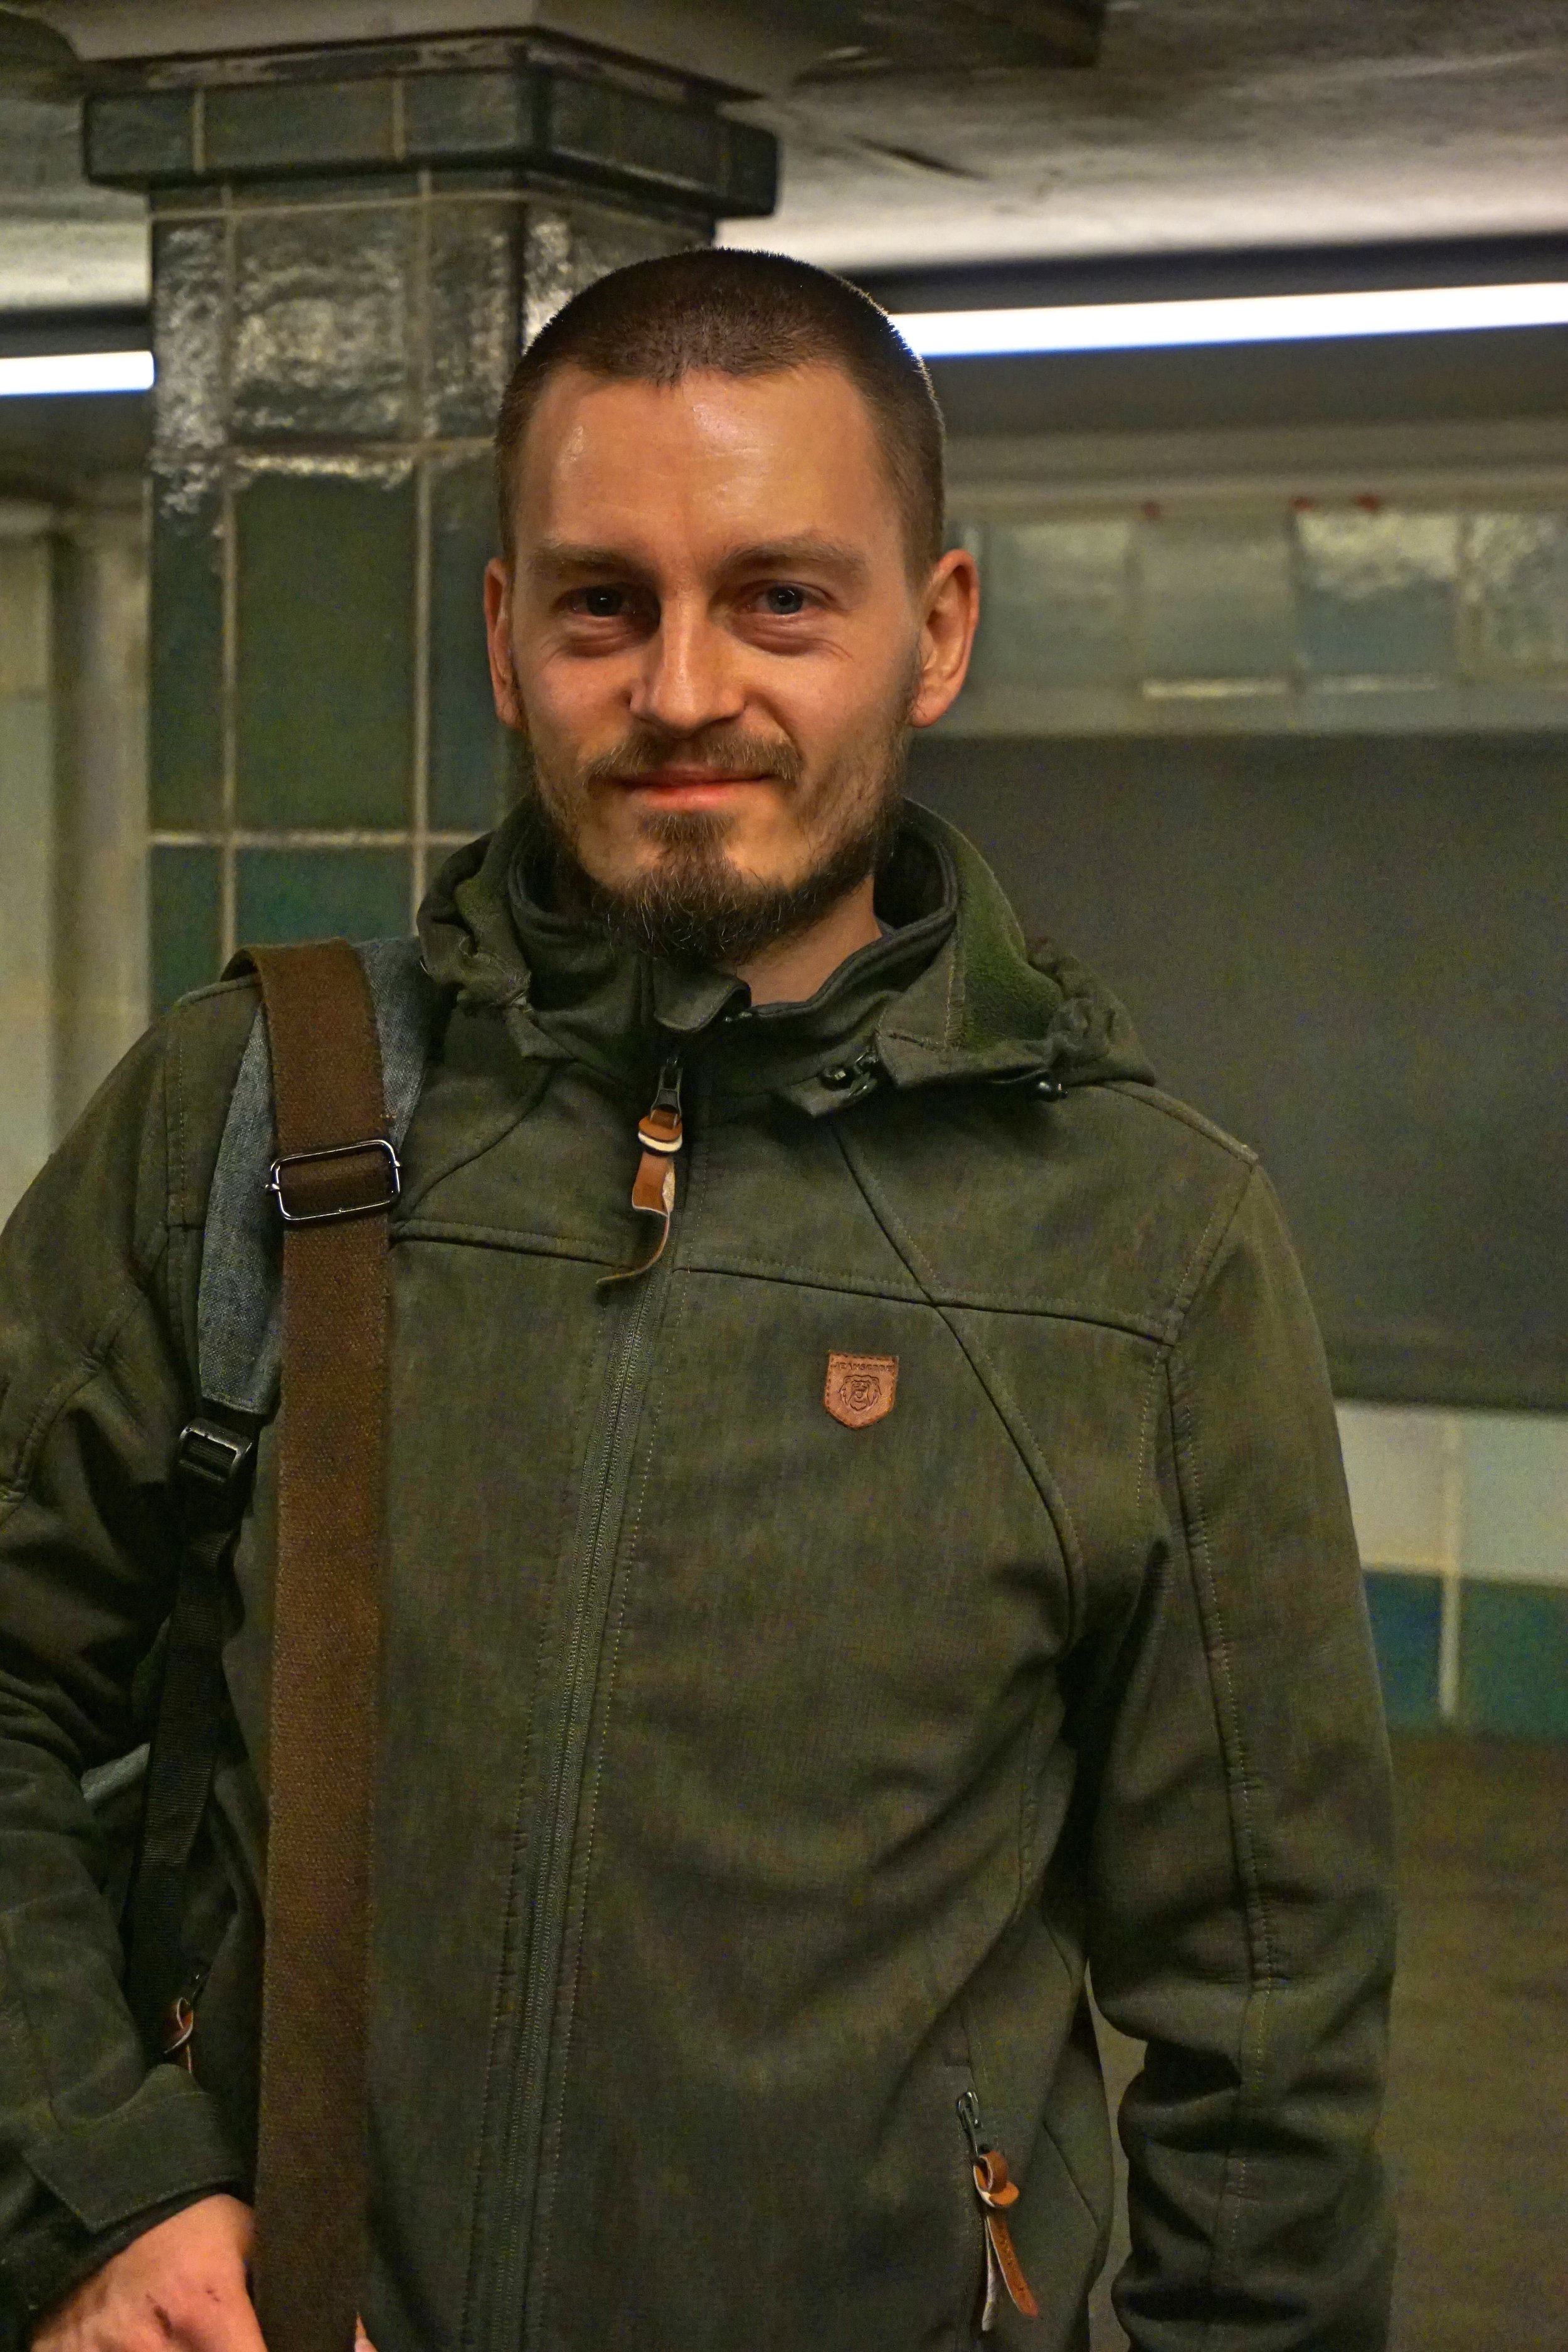 Georg - ist nicht nur Kathis Geschäftspartner, sondern auch ihr Lebensgefährte. Er hat Informatik in Berlin studiert, in diesem Job gearbeitet, ehe er sich für die Selbstständigkeit entschlossen hat.Liebelingsübung auf dem Hocker: Liegestütze und Handstand